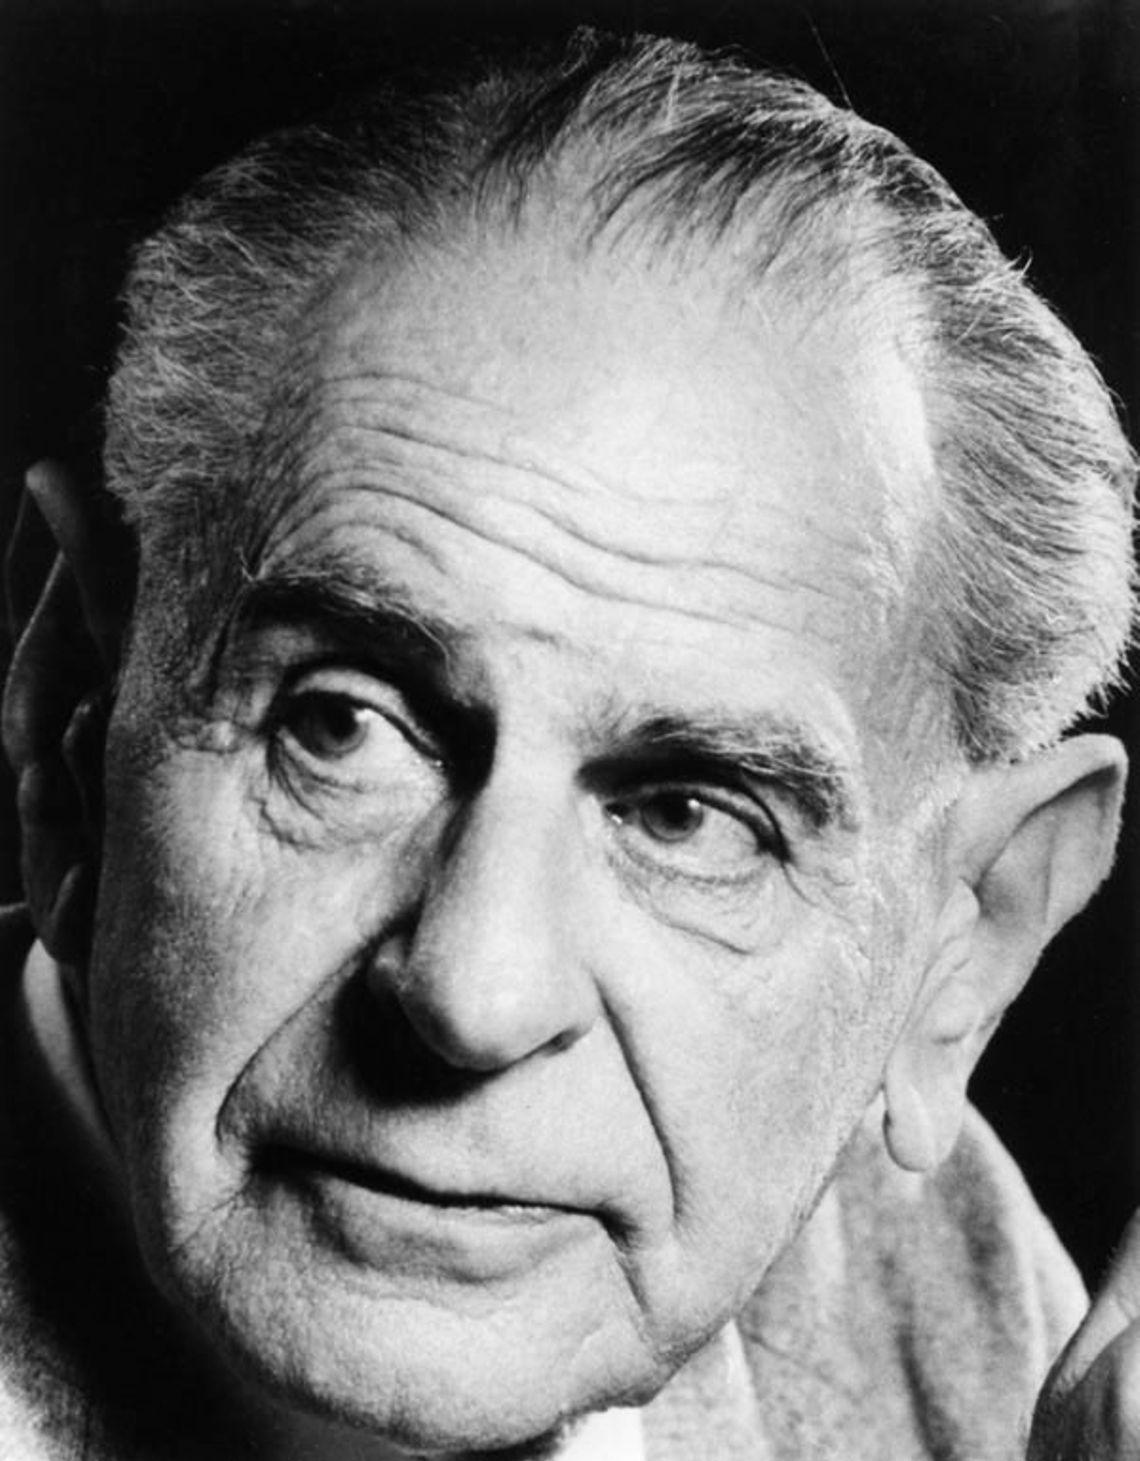 Distincția dintre falsificare și respingere în problema demarcației la Karl Popper